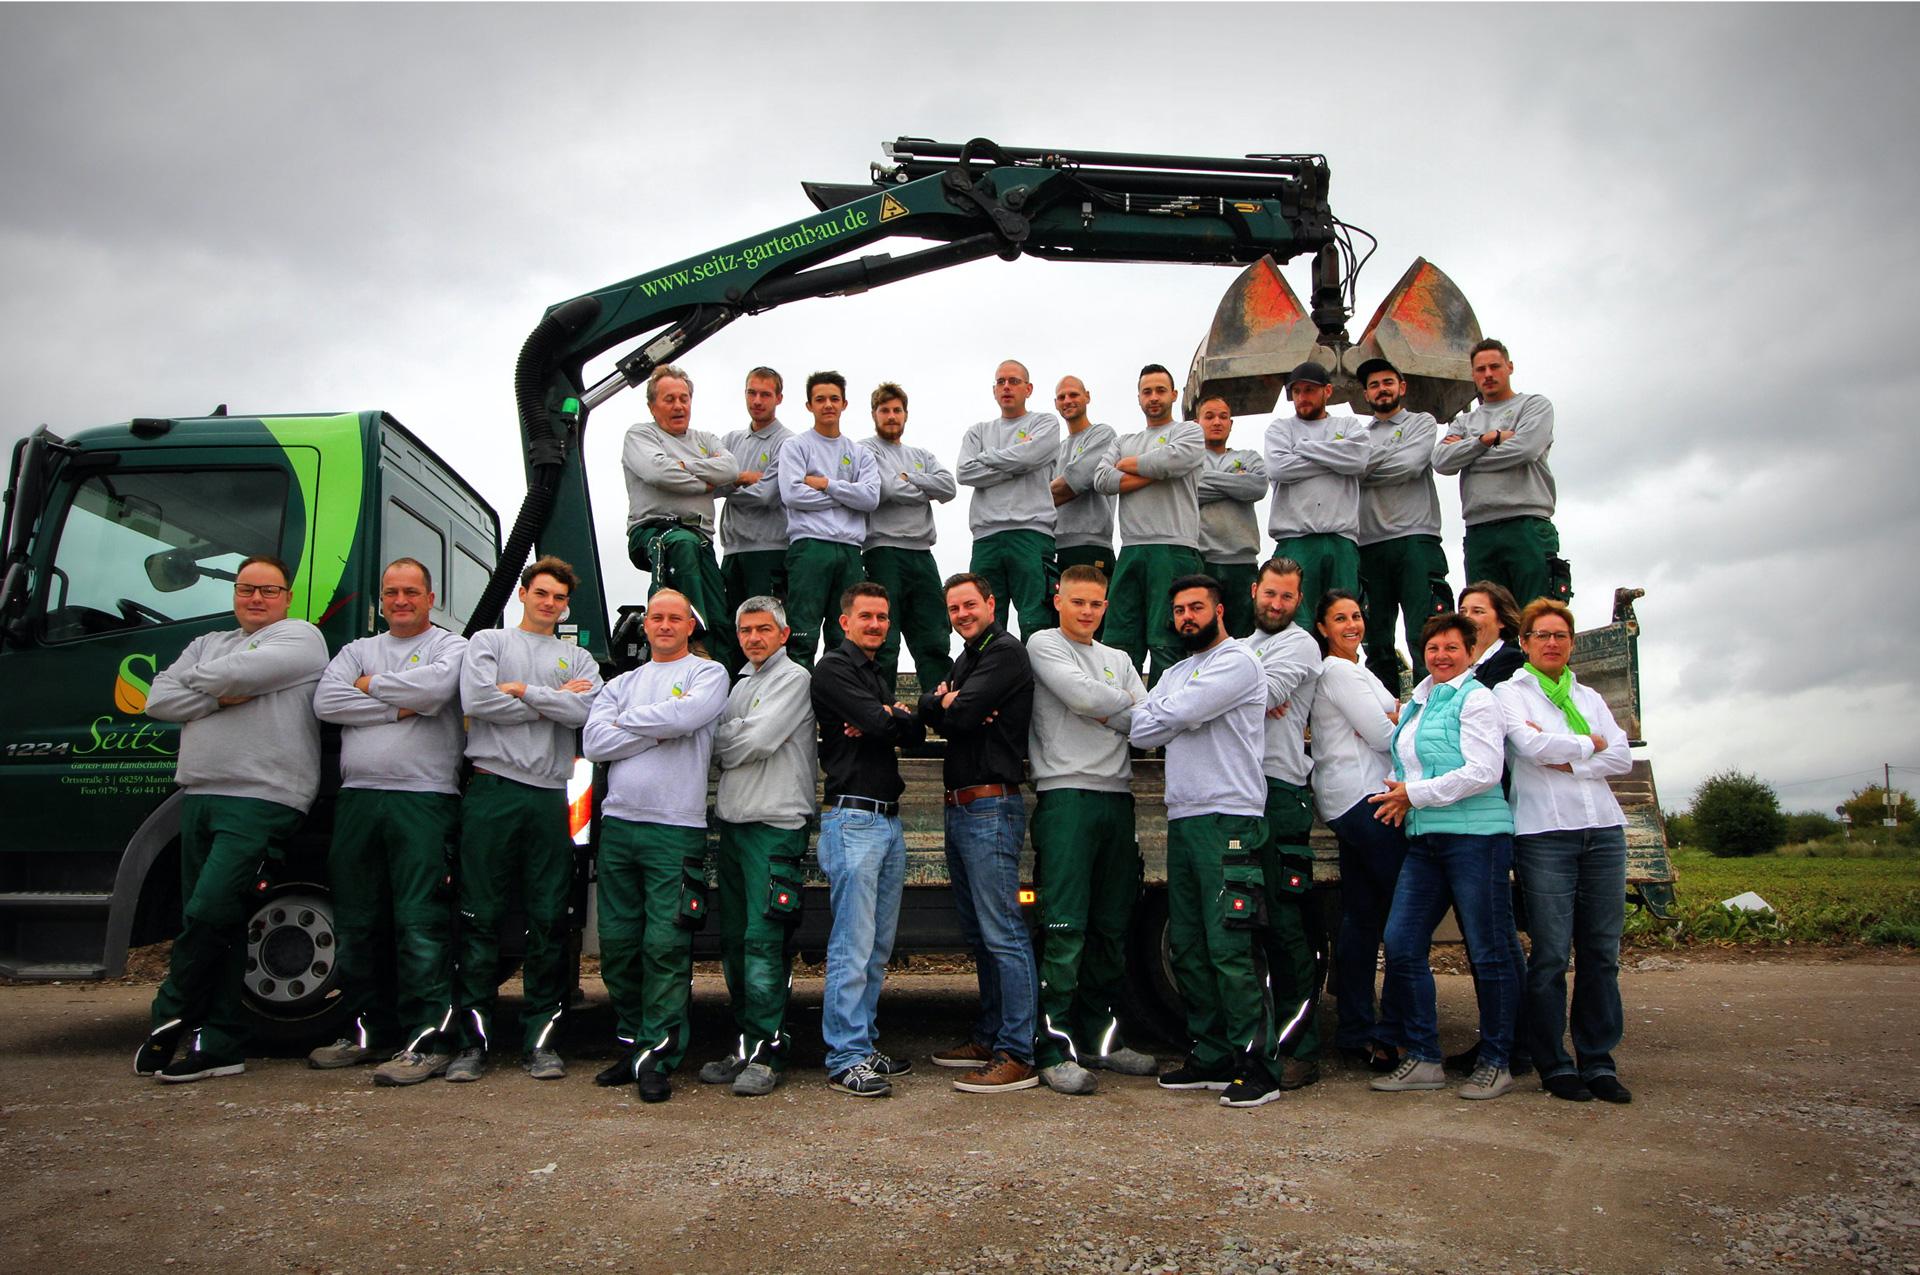 Wir stellen uns vor - Unser Team für Ihren Garten